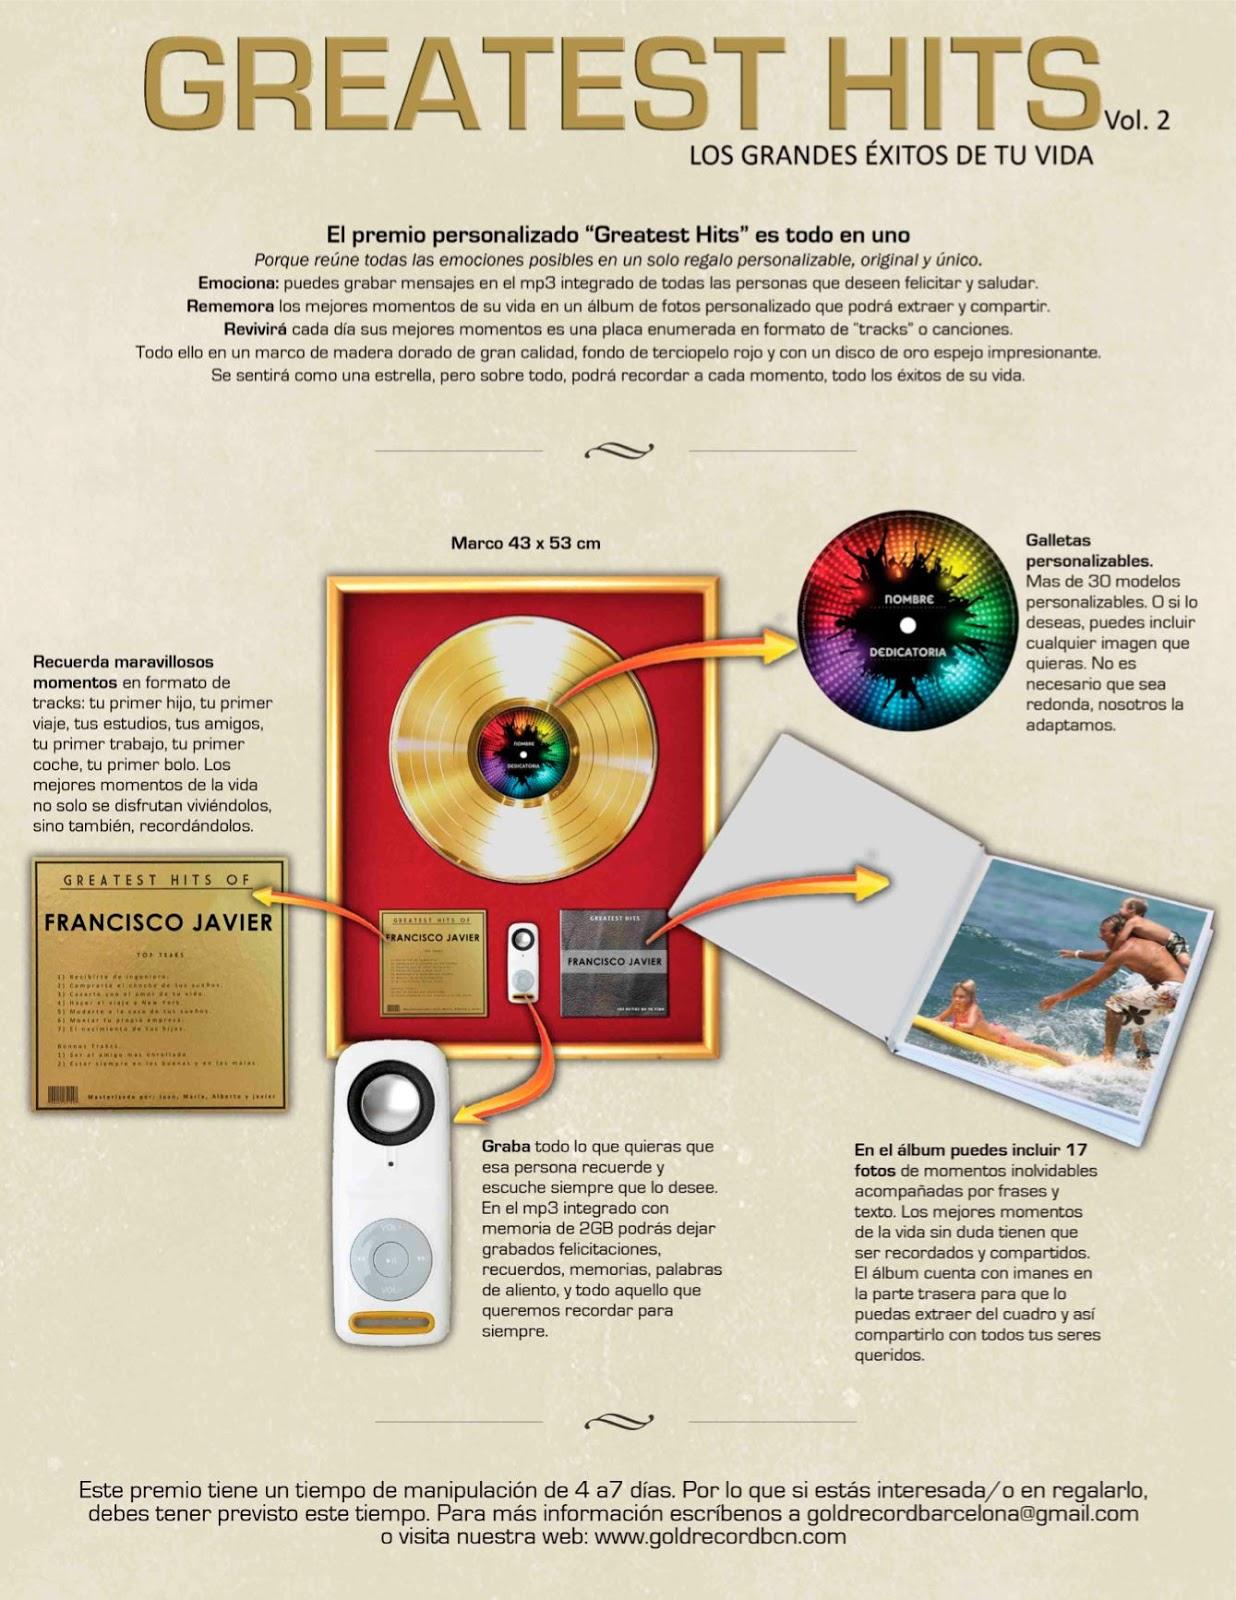 Discos de Oro y platino. Premios, galardones, awards, regalos ...